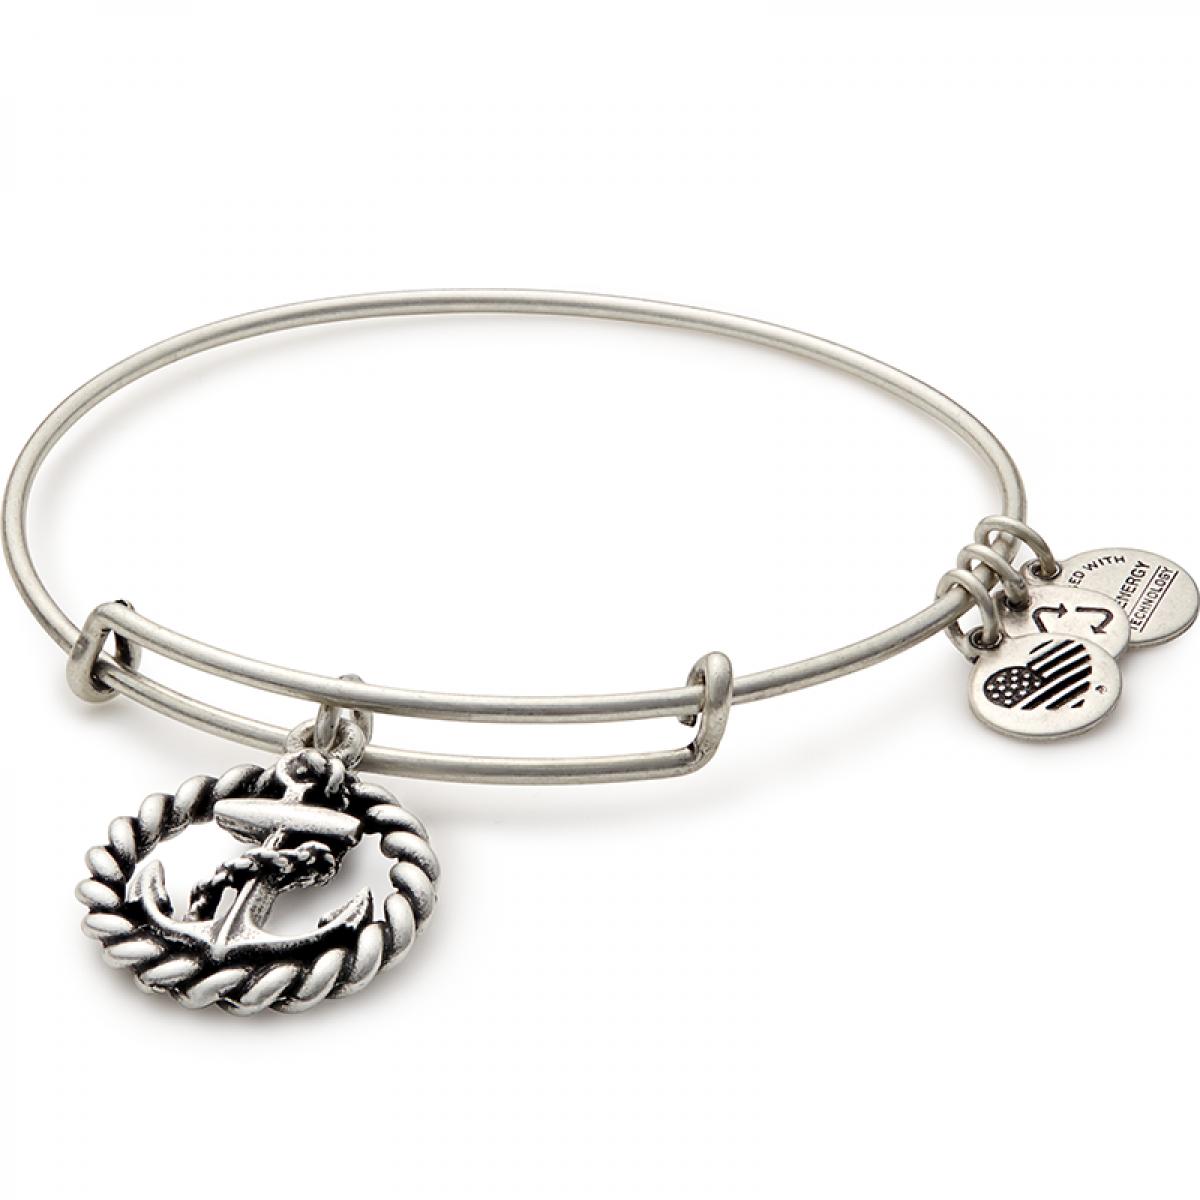 Alex And Ani Bracelets Necklaces Earringore